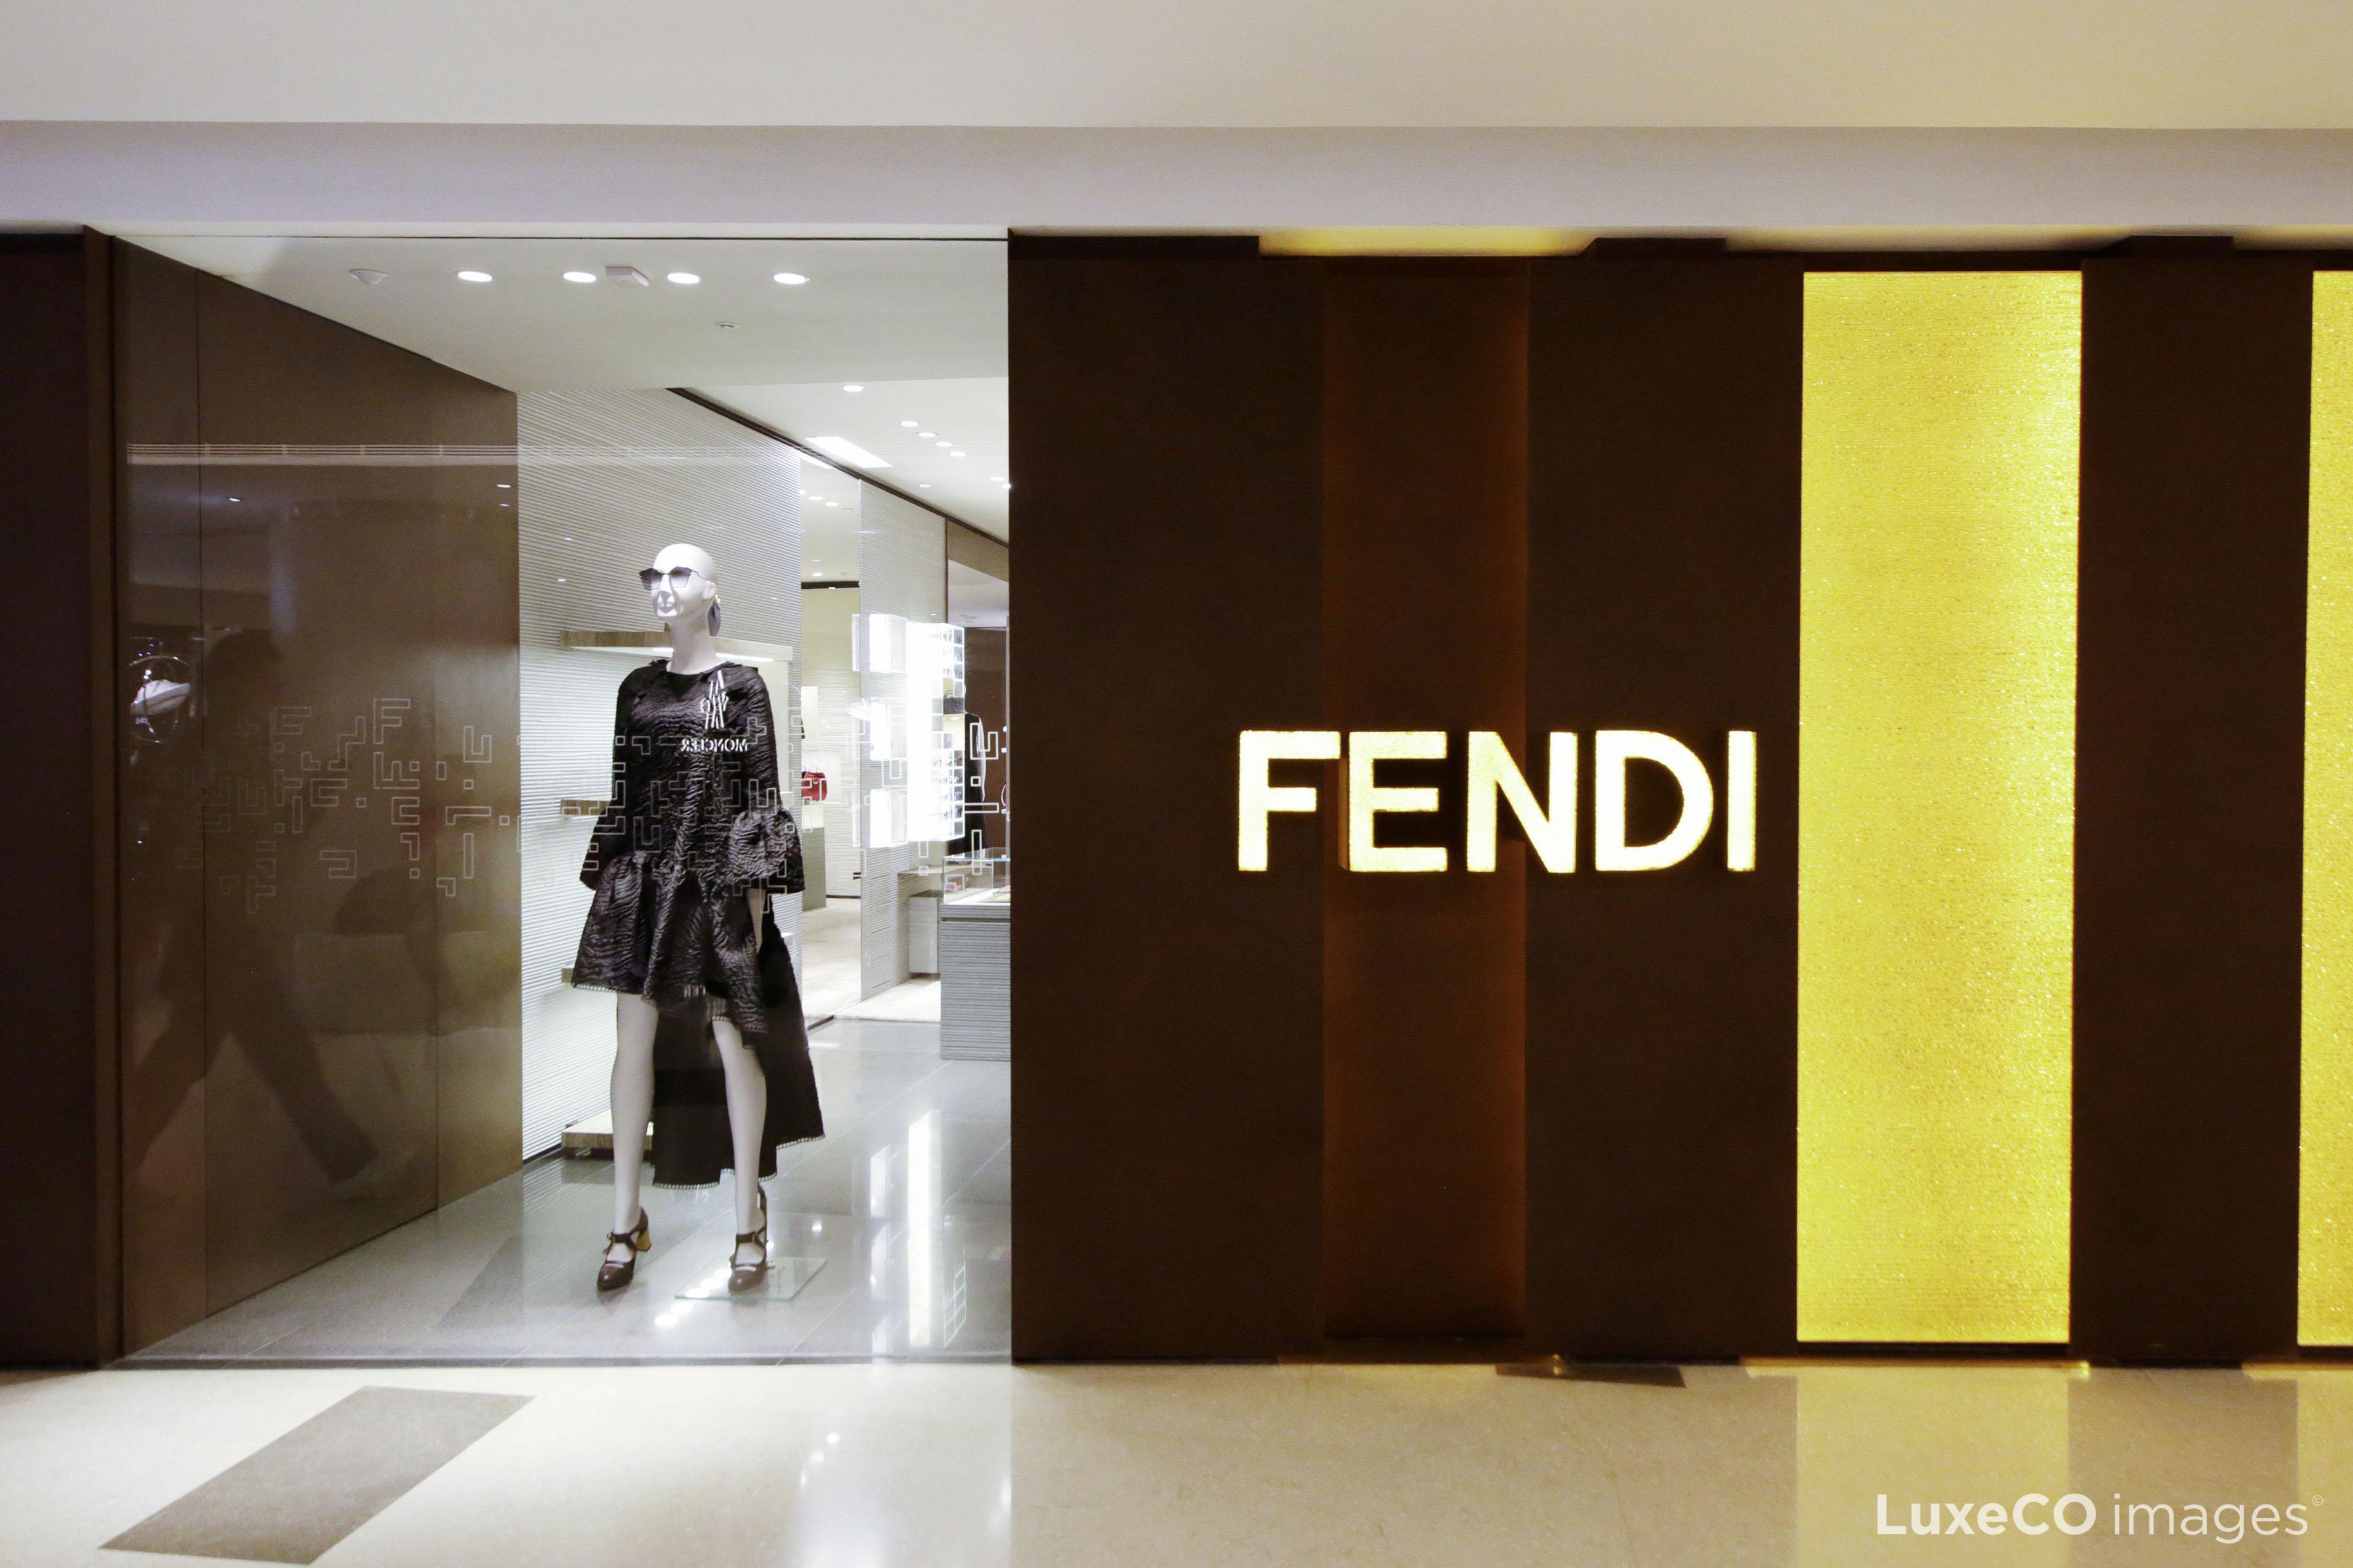 Fendi 投资 5700万欧元在佛罗伦萨建立新的生产基地